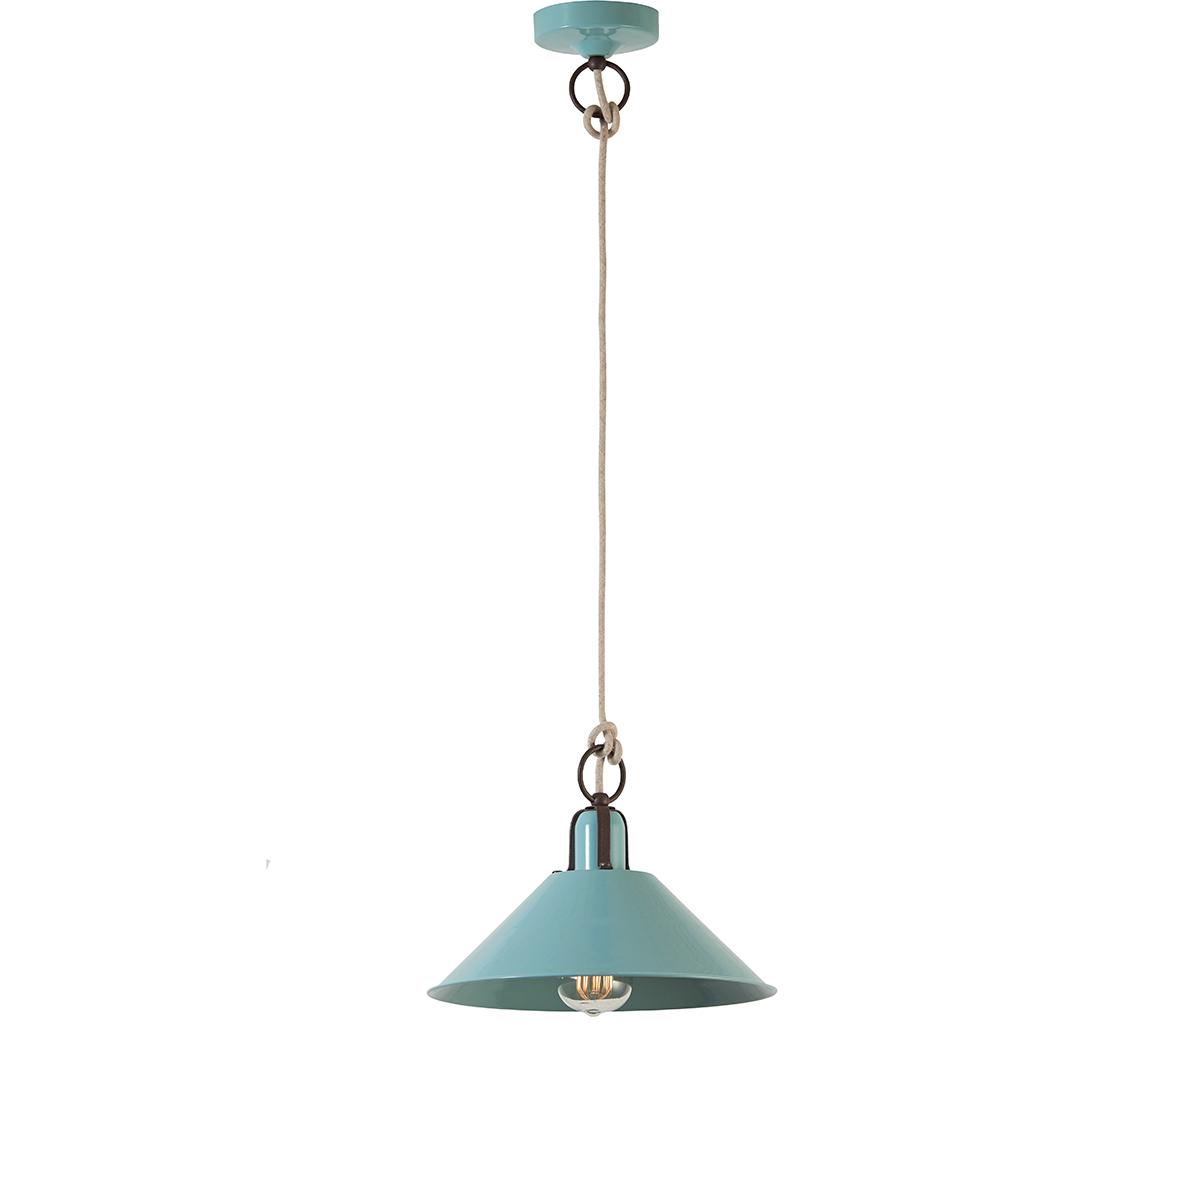 Ρετρό κρεμαστό φωτιστικό βεραμάν ΜΗΛΟΣ retro pendant lamp pastel turquoise